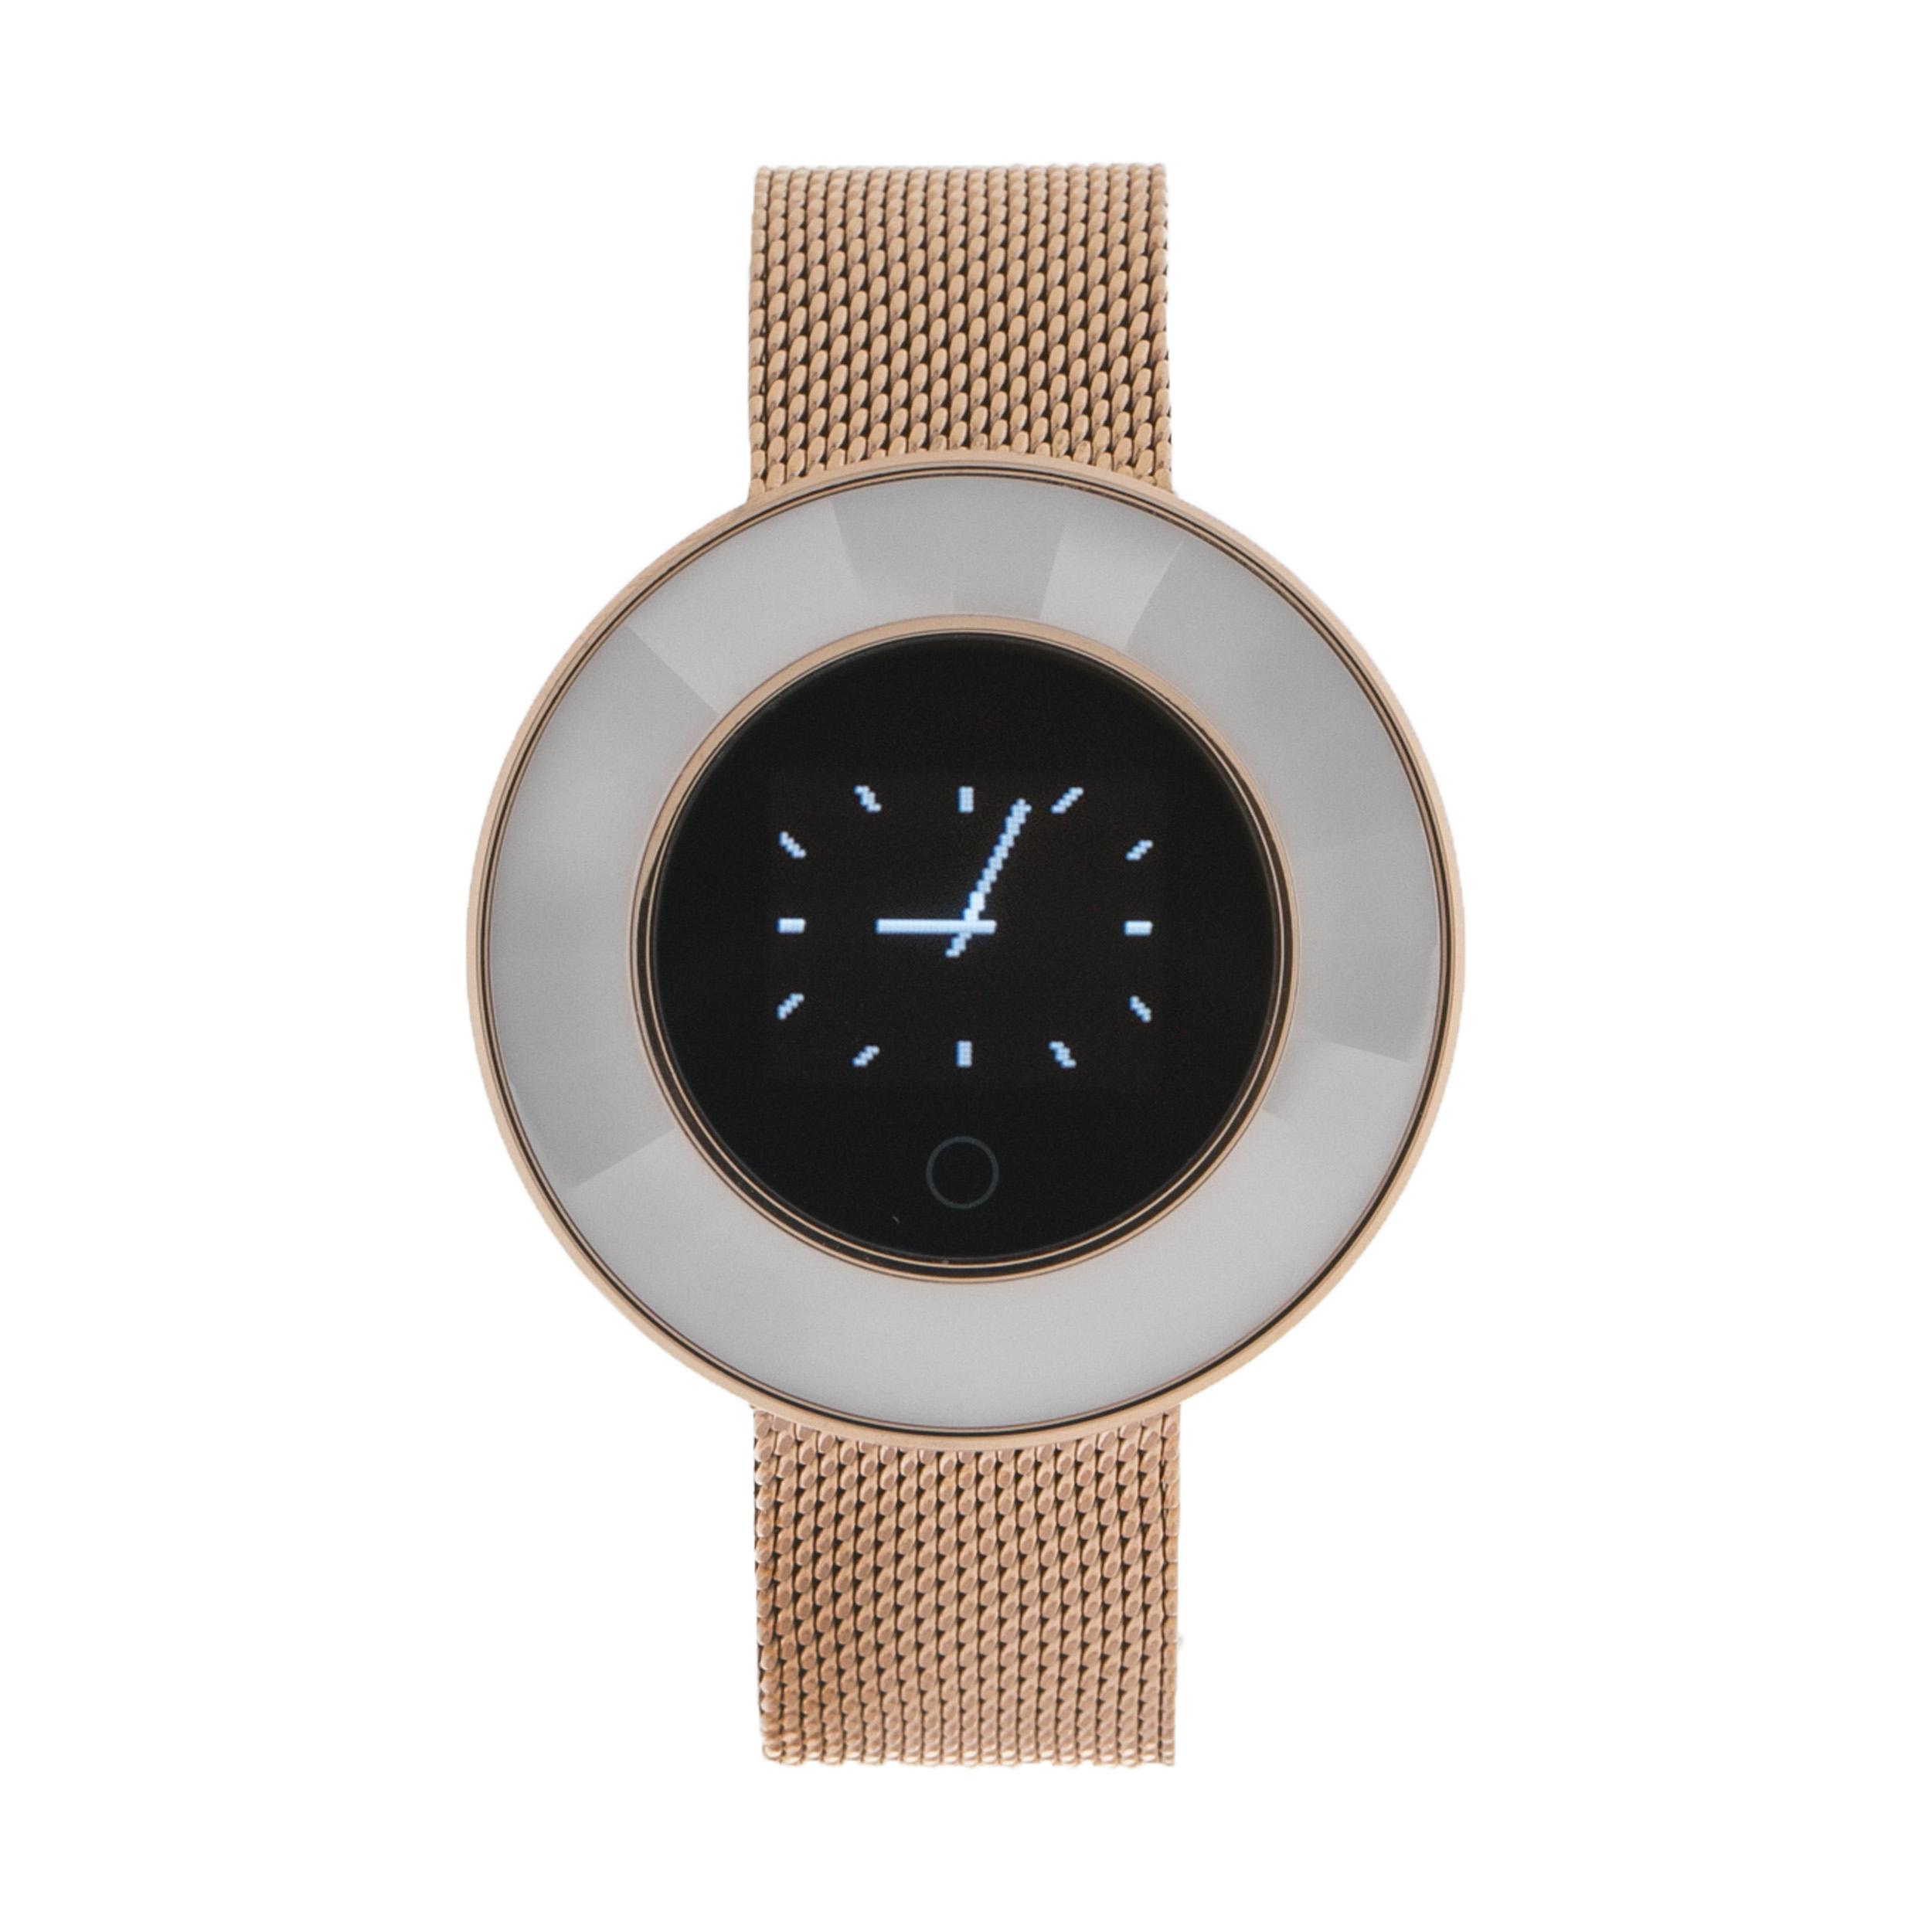 ساعت هوشمند مدل Smart Wear الف 001